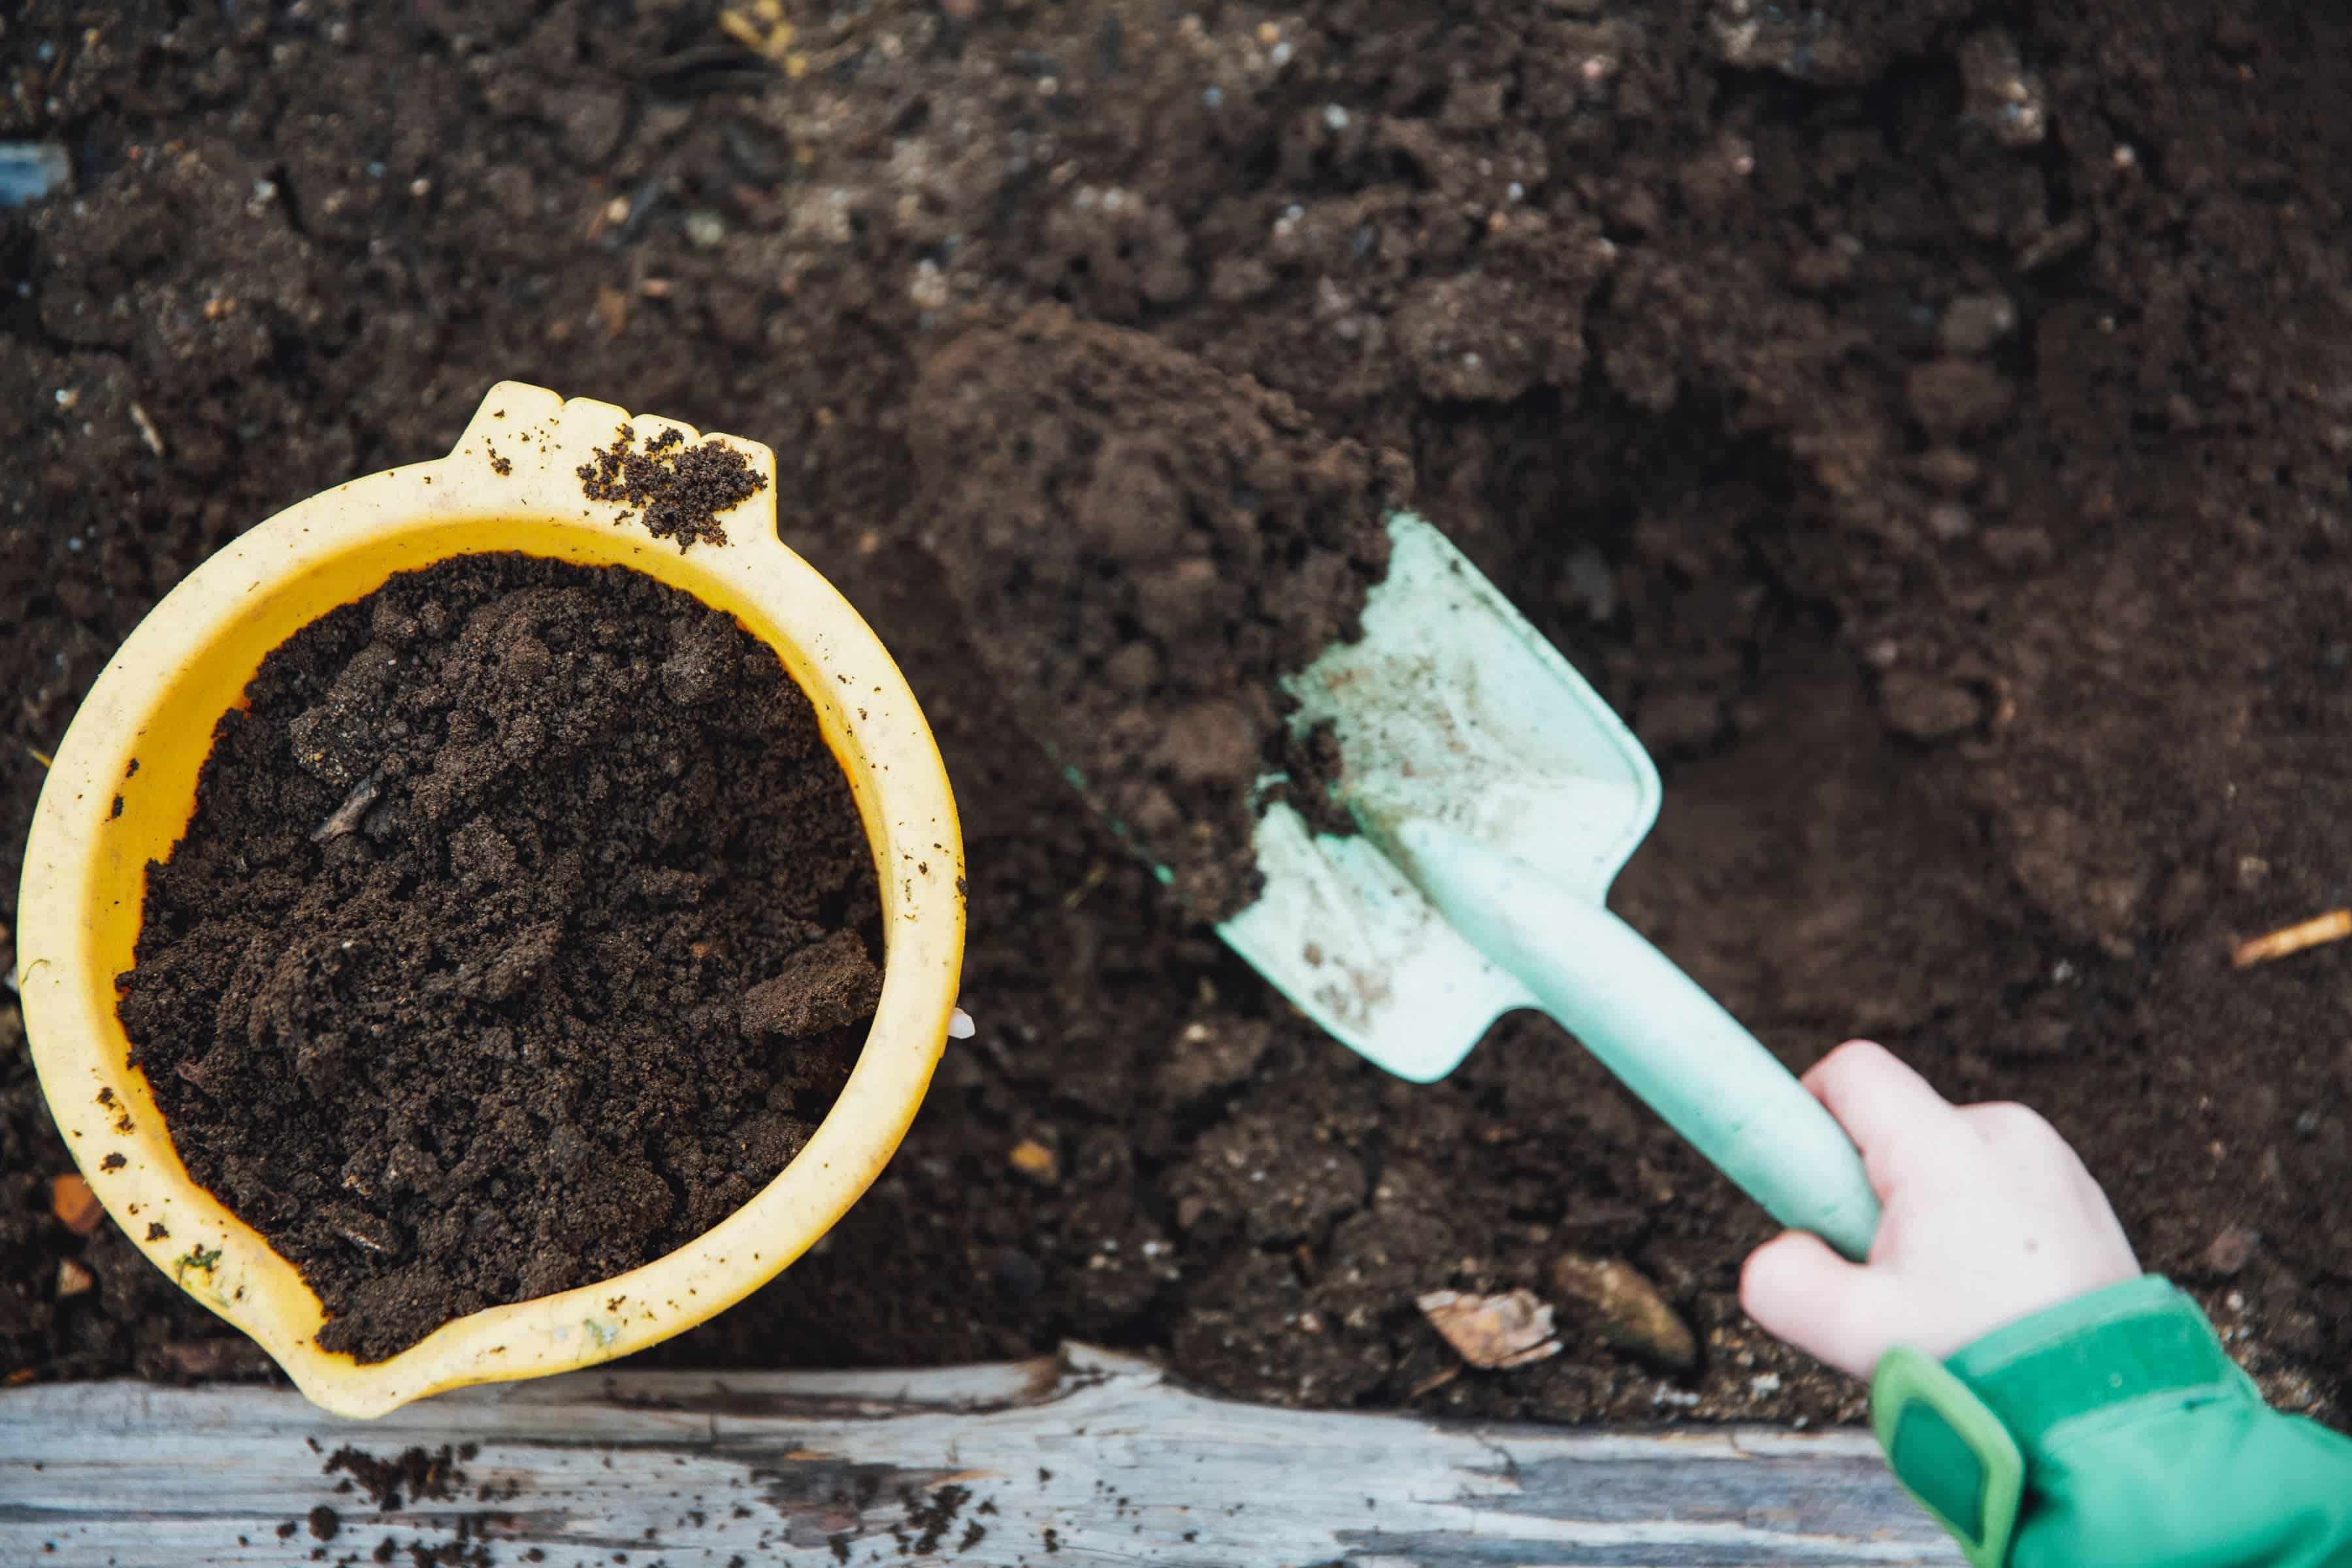 Bereid de grond goed voor beste kweektafel